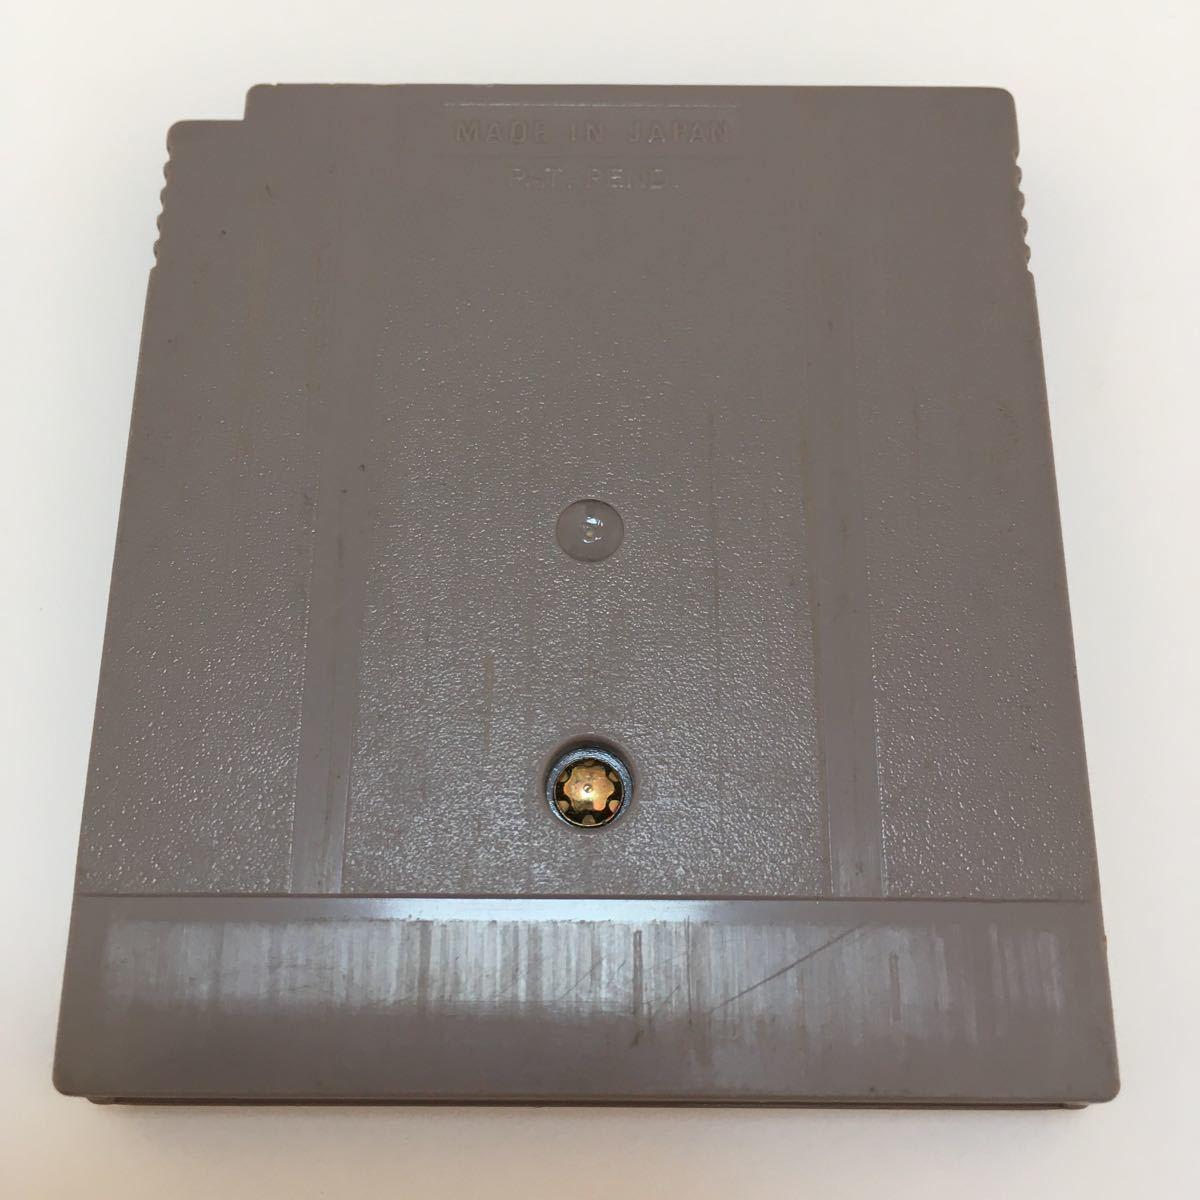 ゲームボーイ ソフト ポケットモンスター 青 ブルー 動作確認済み レトロ ポケモン 初代 ピカチュウ 赤 緑 GB カセット